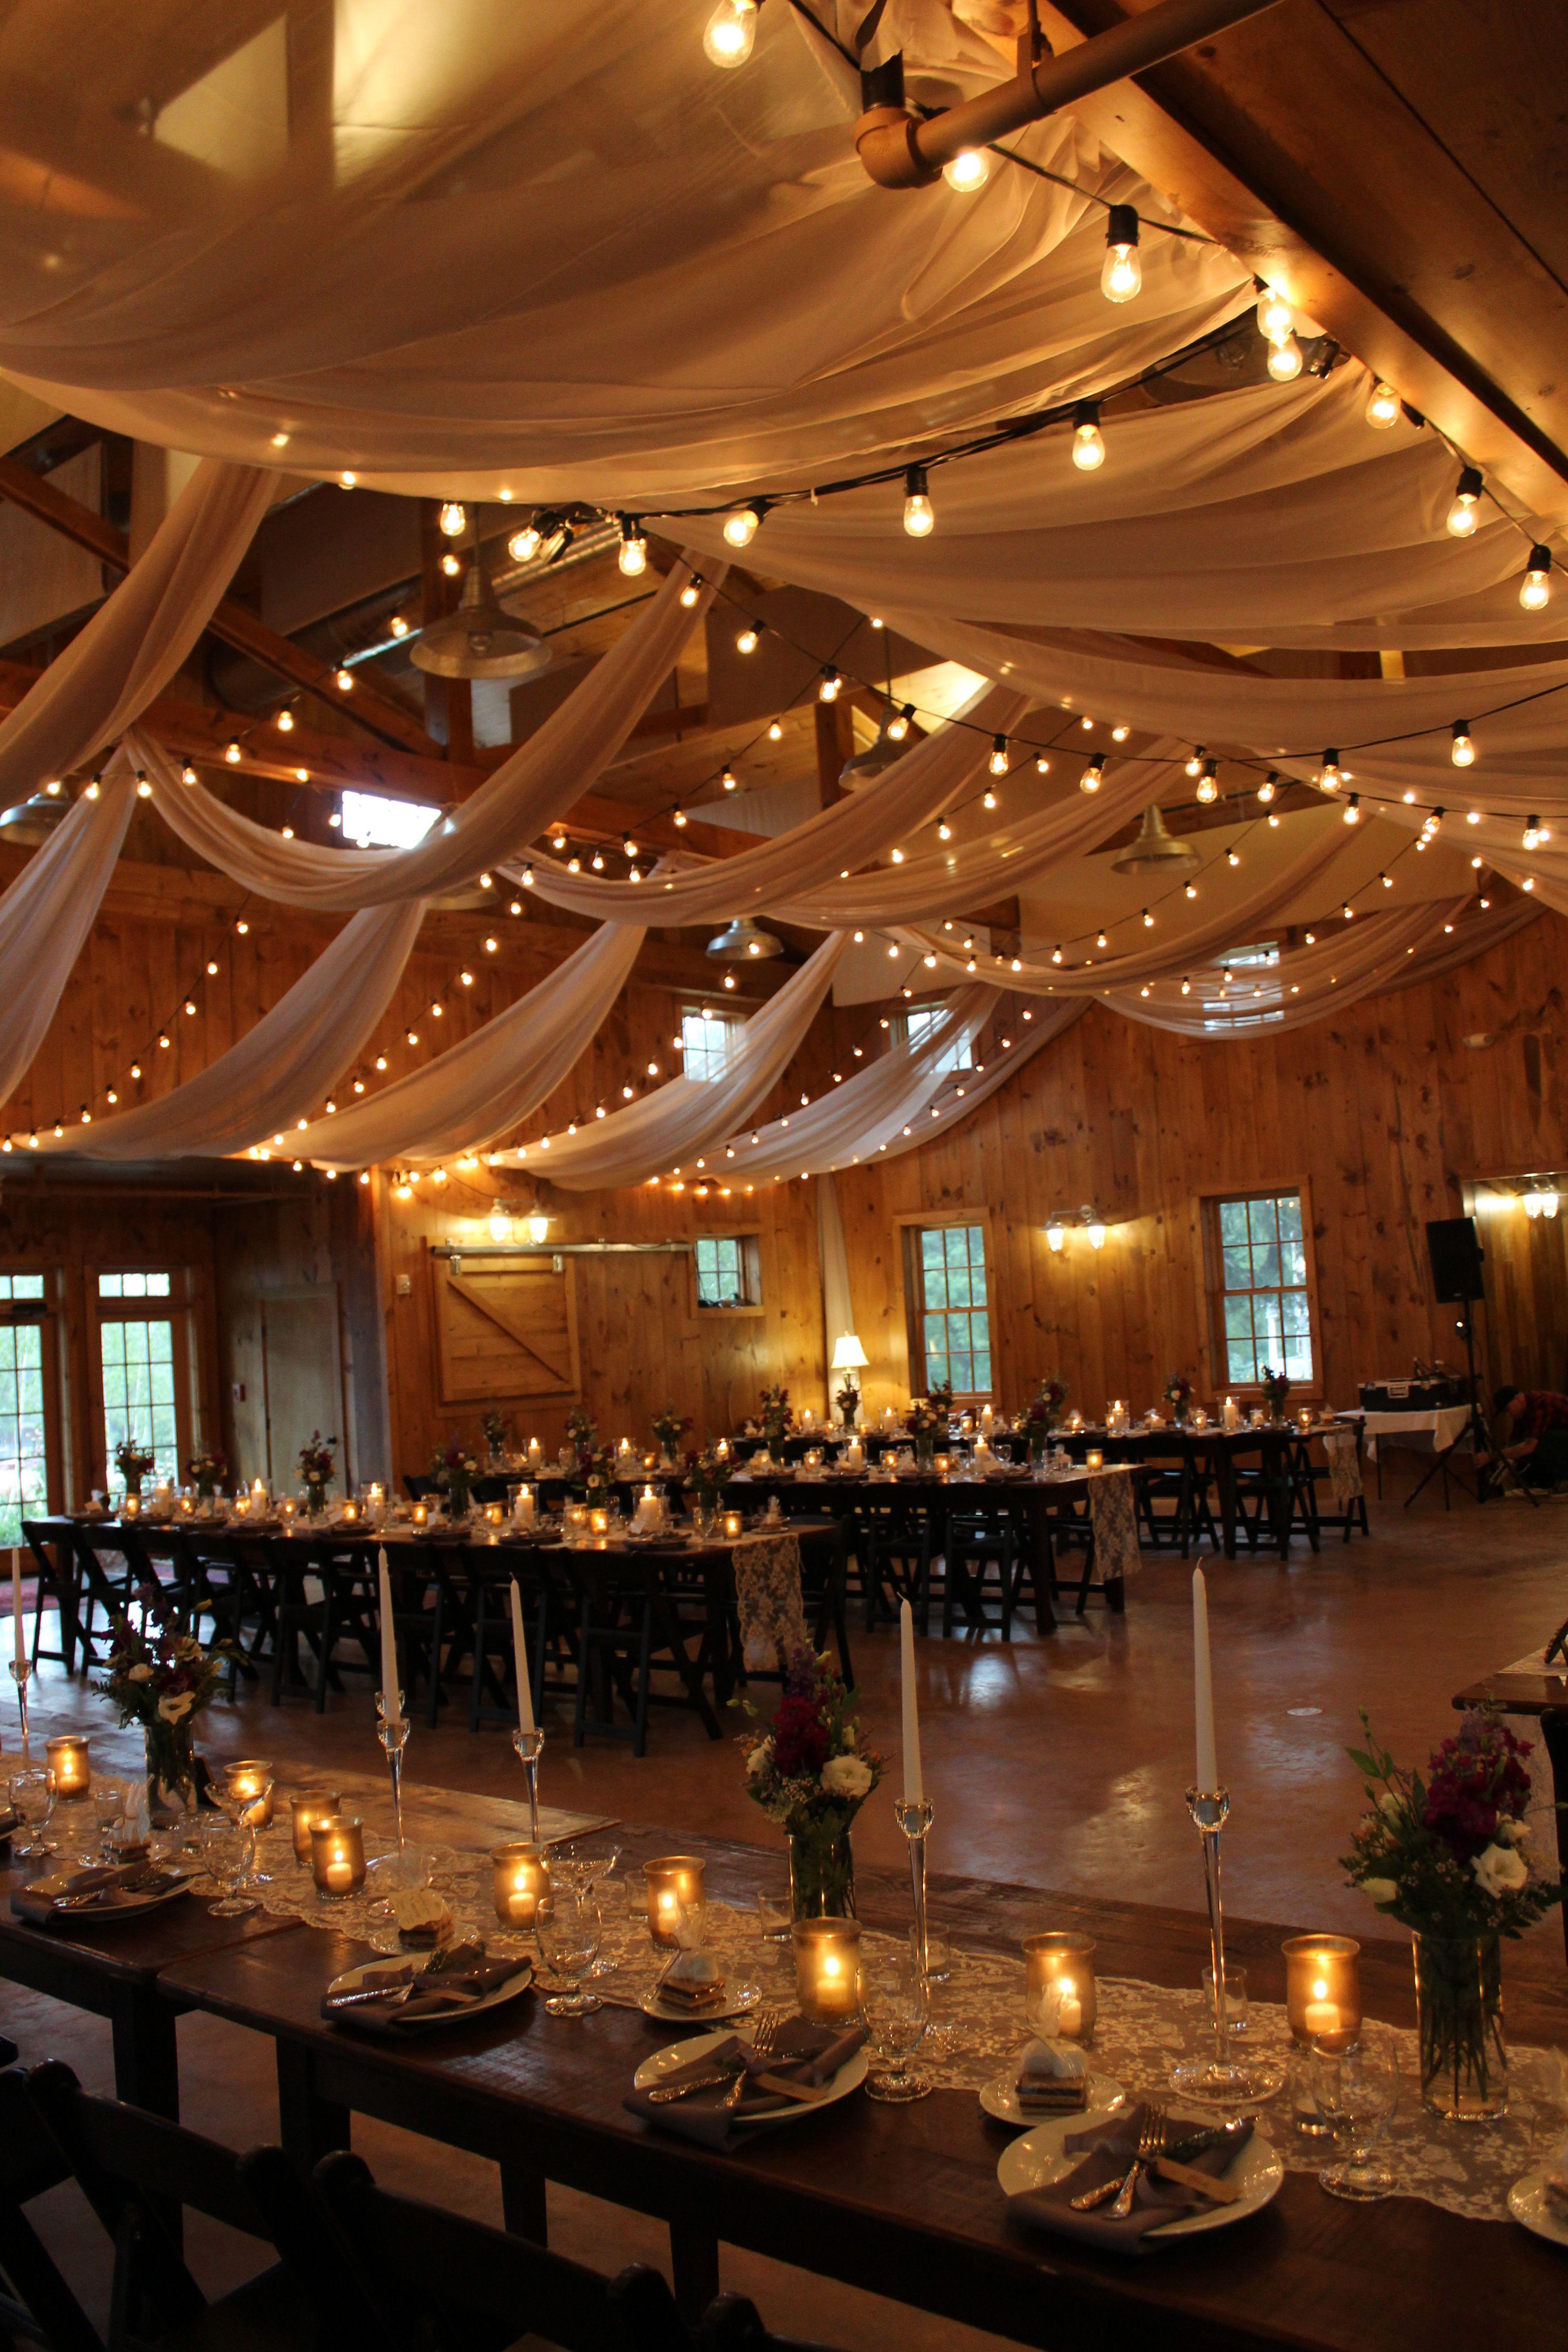 Destination Wedding In Our Wedding Barn Design By Morethanamoment Rentals By Rain Or Shin Hochzeitsdecke Rustikale Scheunenhochzeit Landliche Scheunenhochzeit